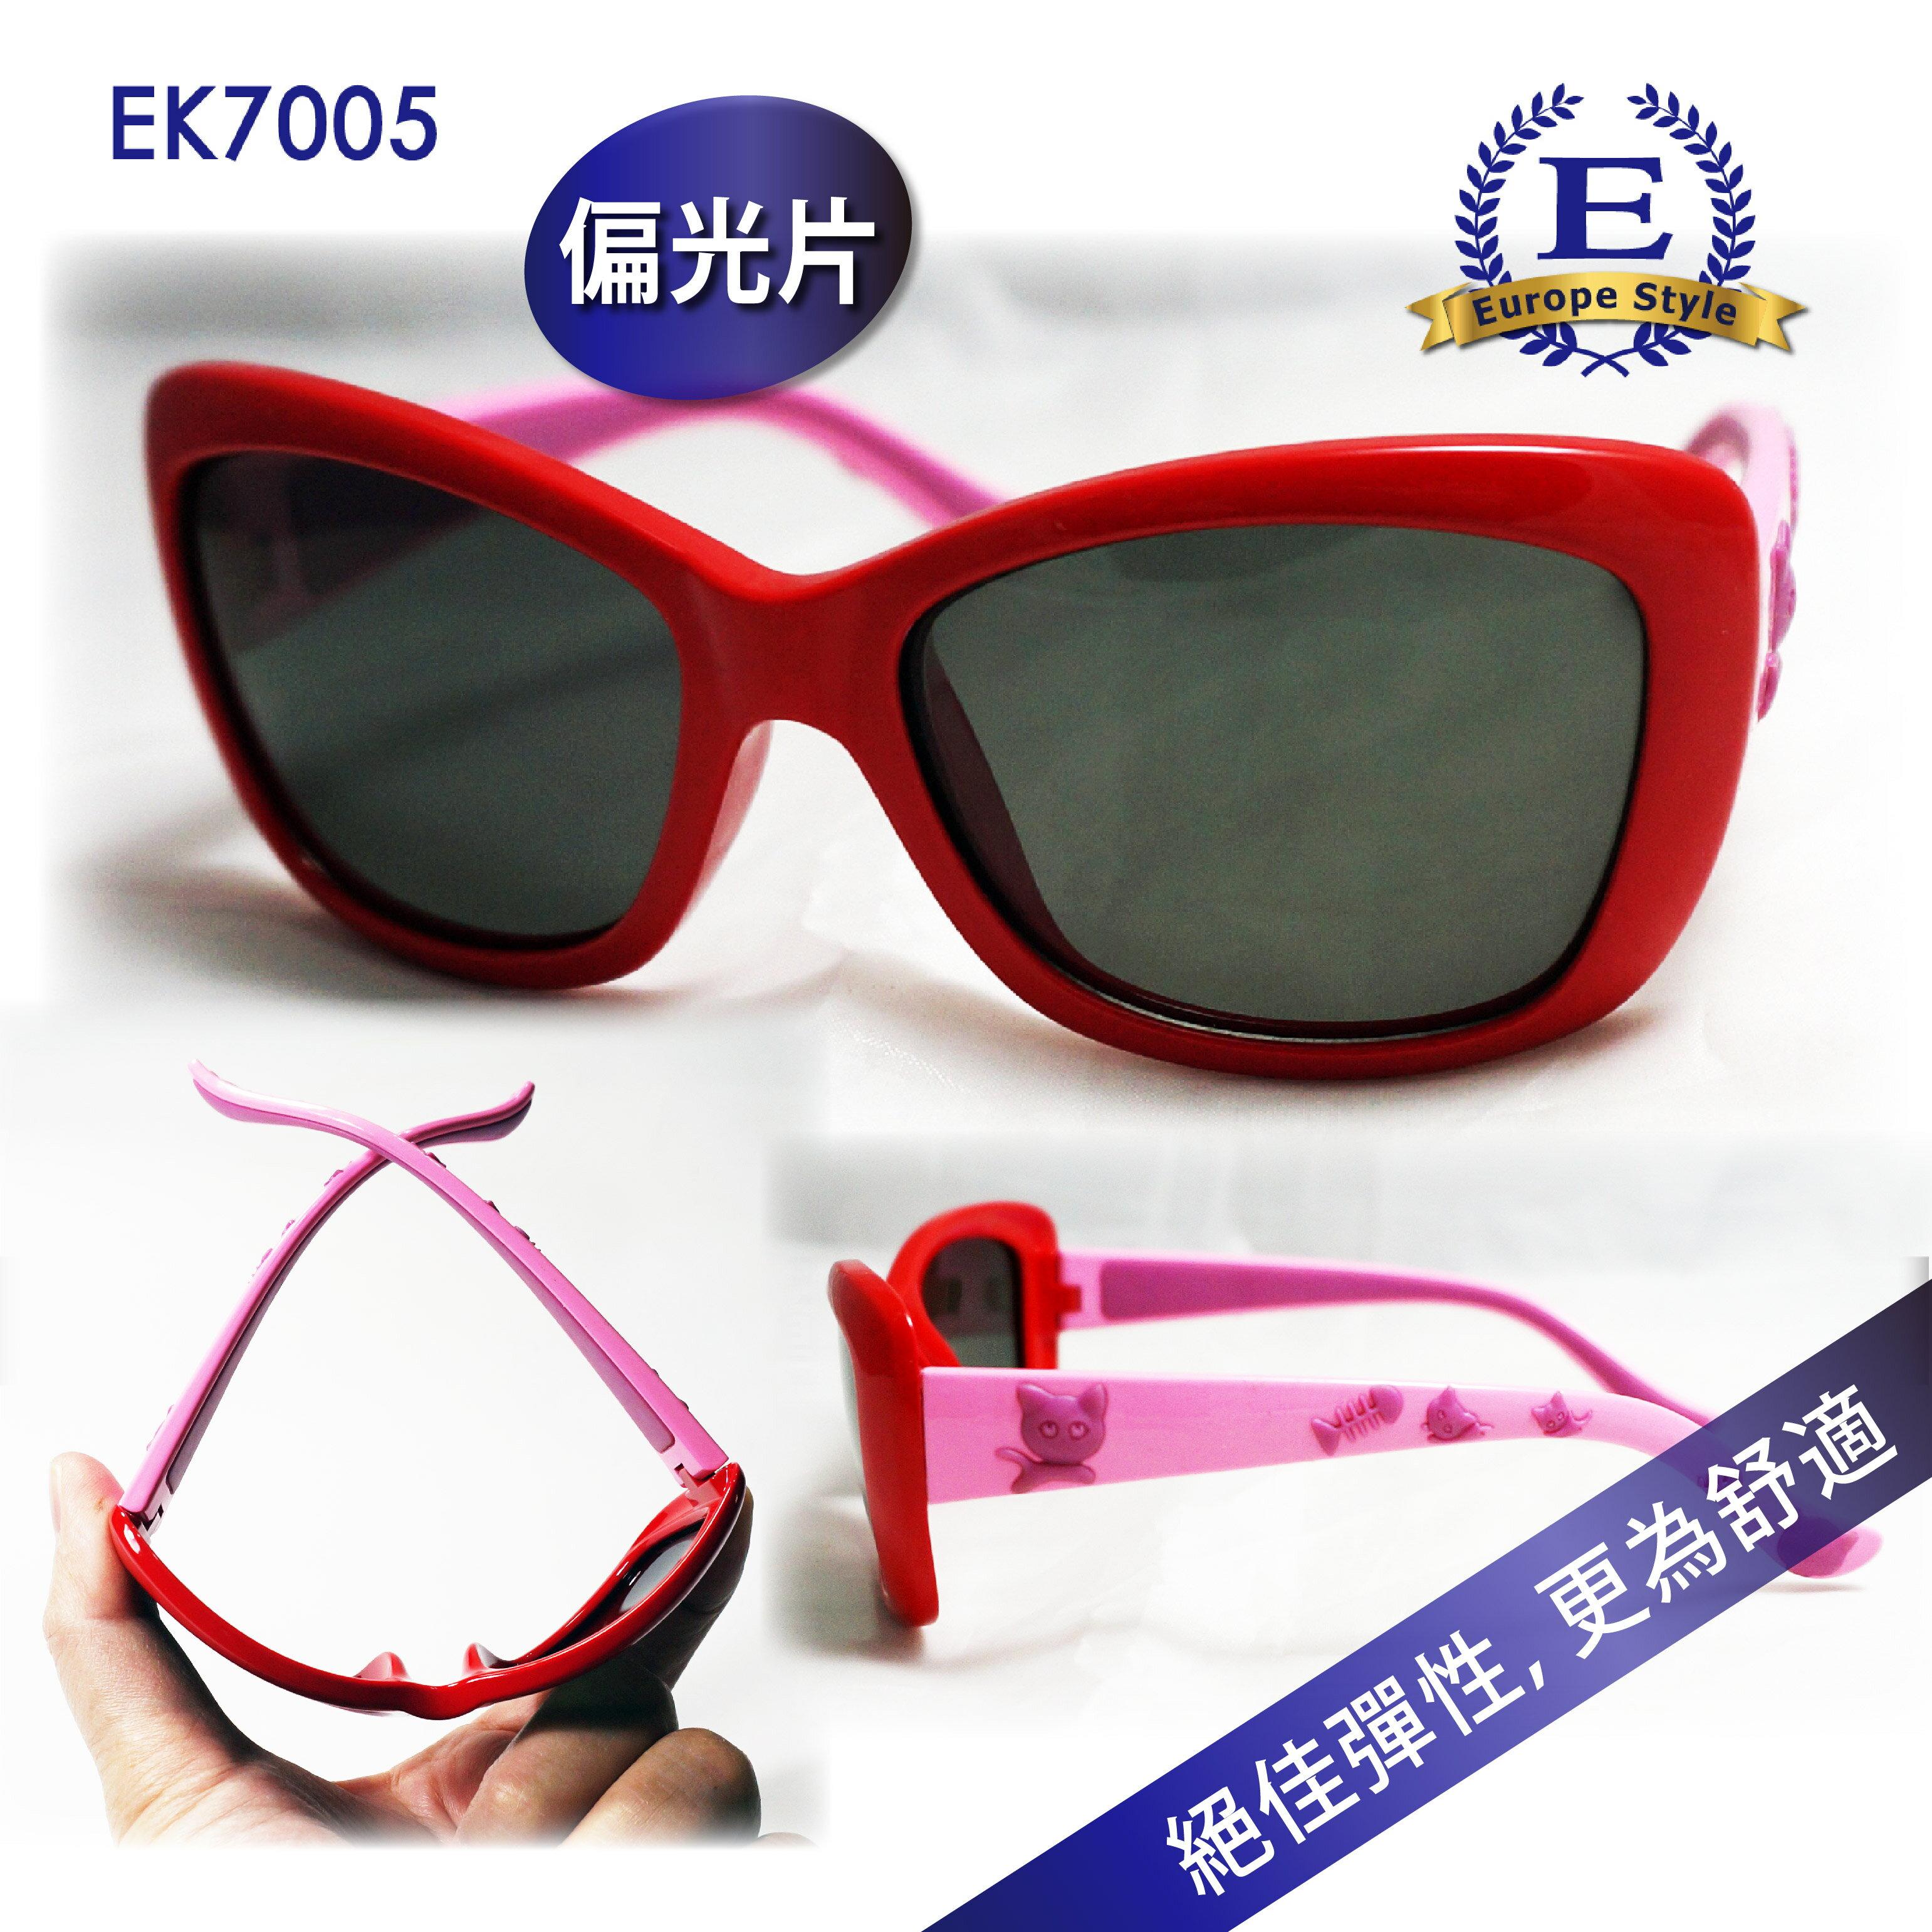 【歐風天地】兒童偏光太陽眼鏡 EK7005 偏光太陽眼鏡 防風眼鏡 單車眼鏡 運動太陽眼鏡 運動眼鏡 自行車眼鏡 野外戶外用品